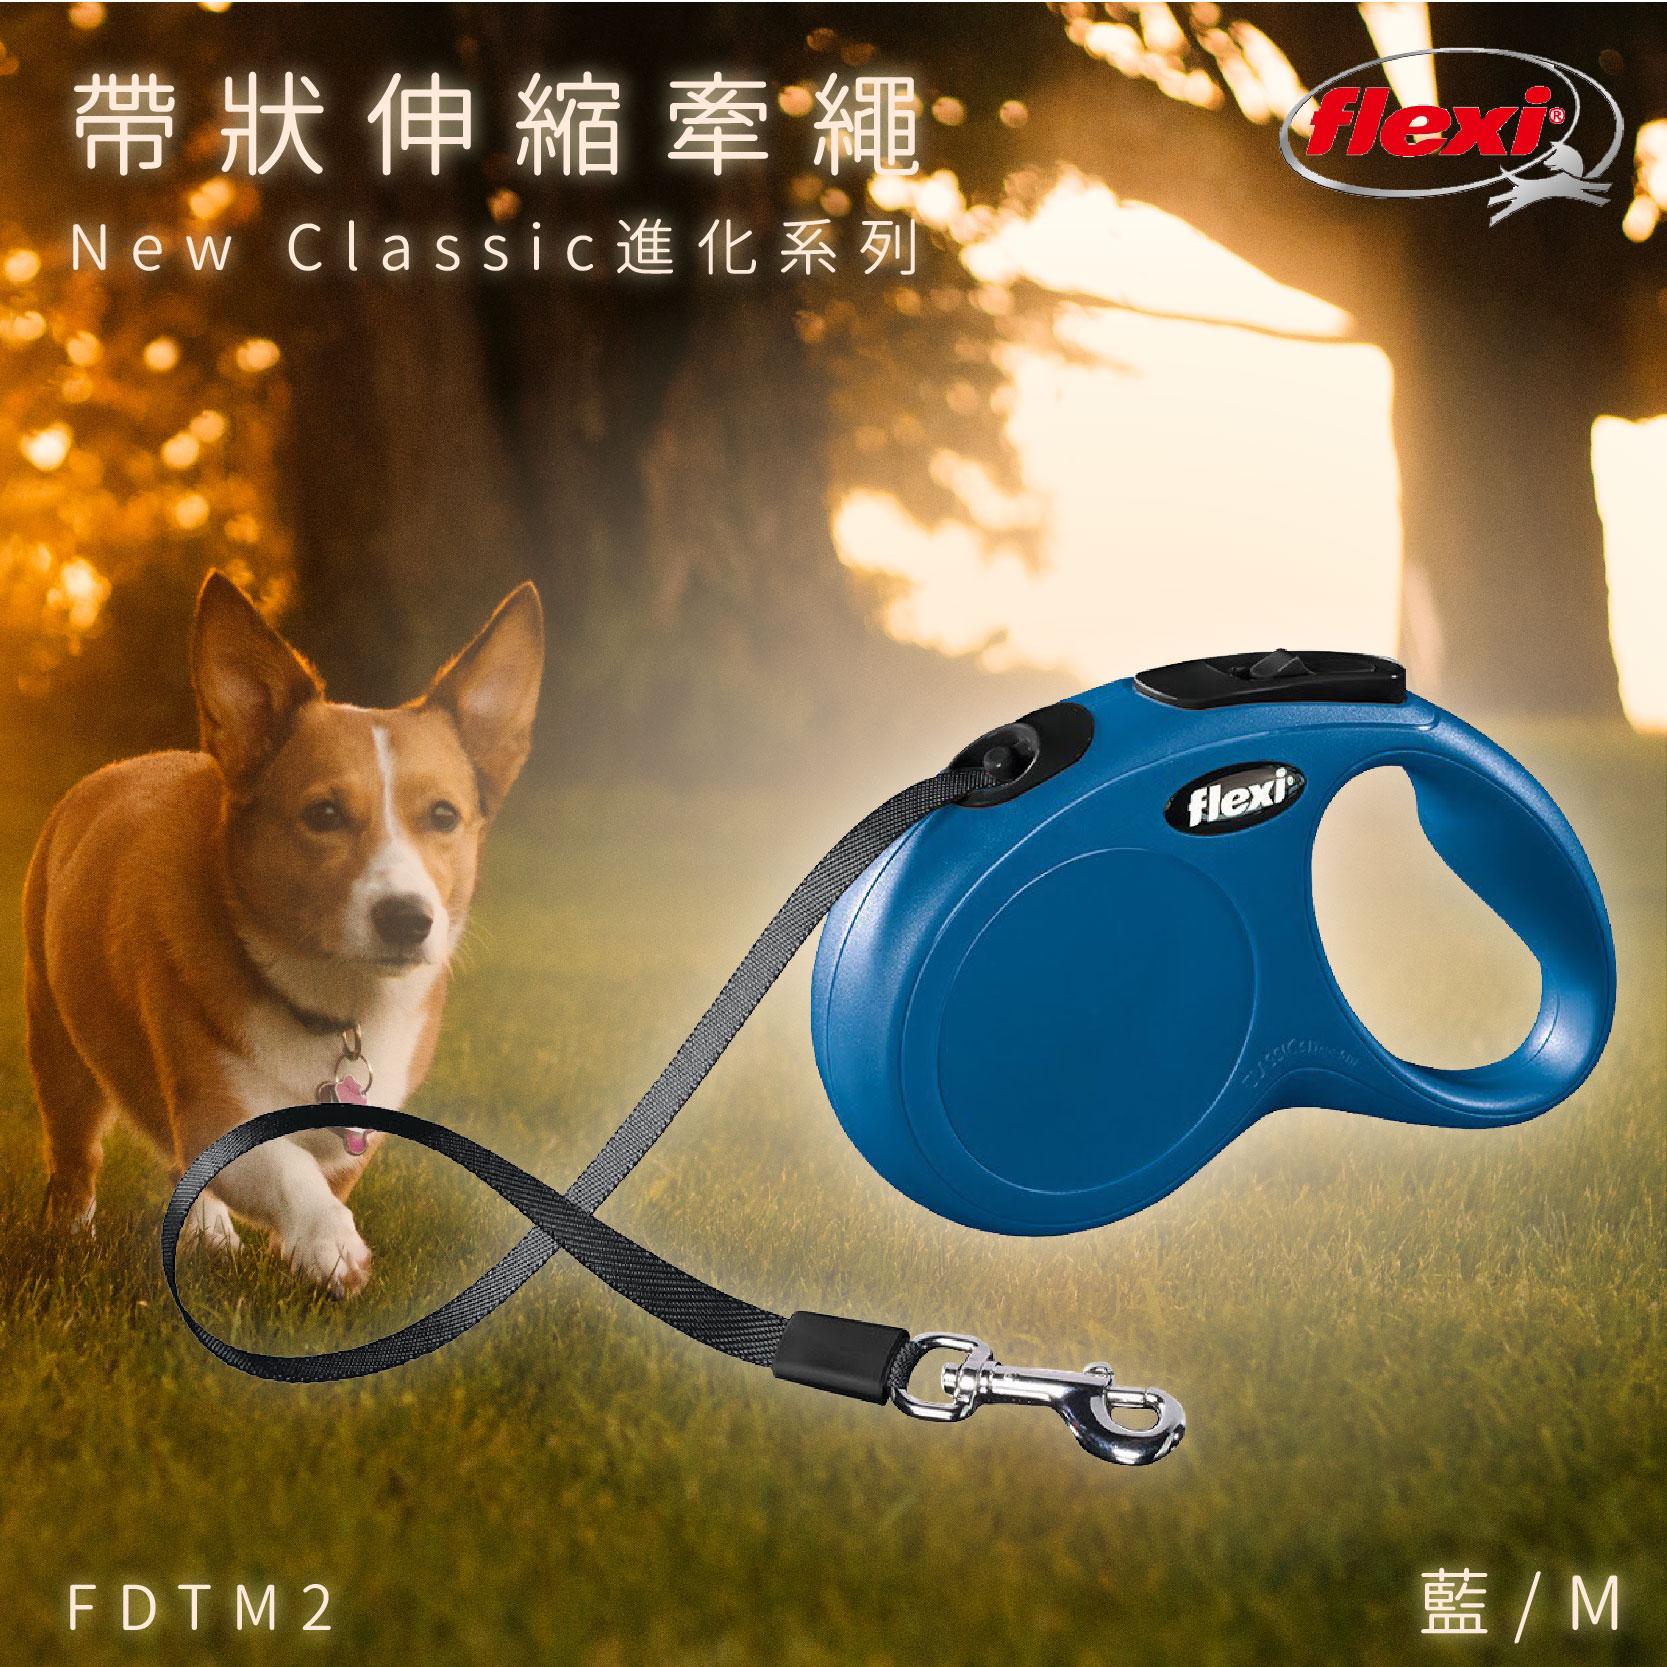 Flexi 帶狀寵物牽繩 藍M FDTM2 進化系列 舒適握把 狗貓 外出用品 寵物用品 寵物牽繩 德國製